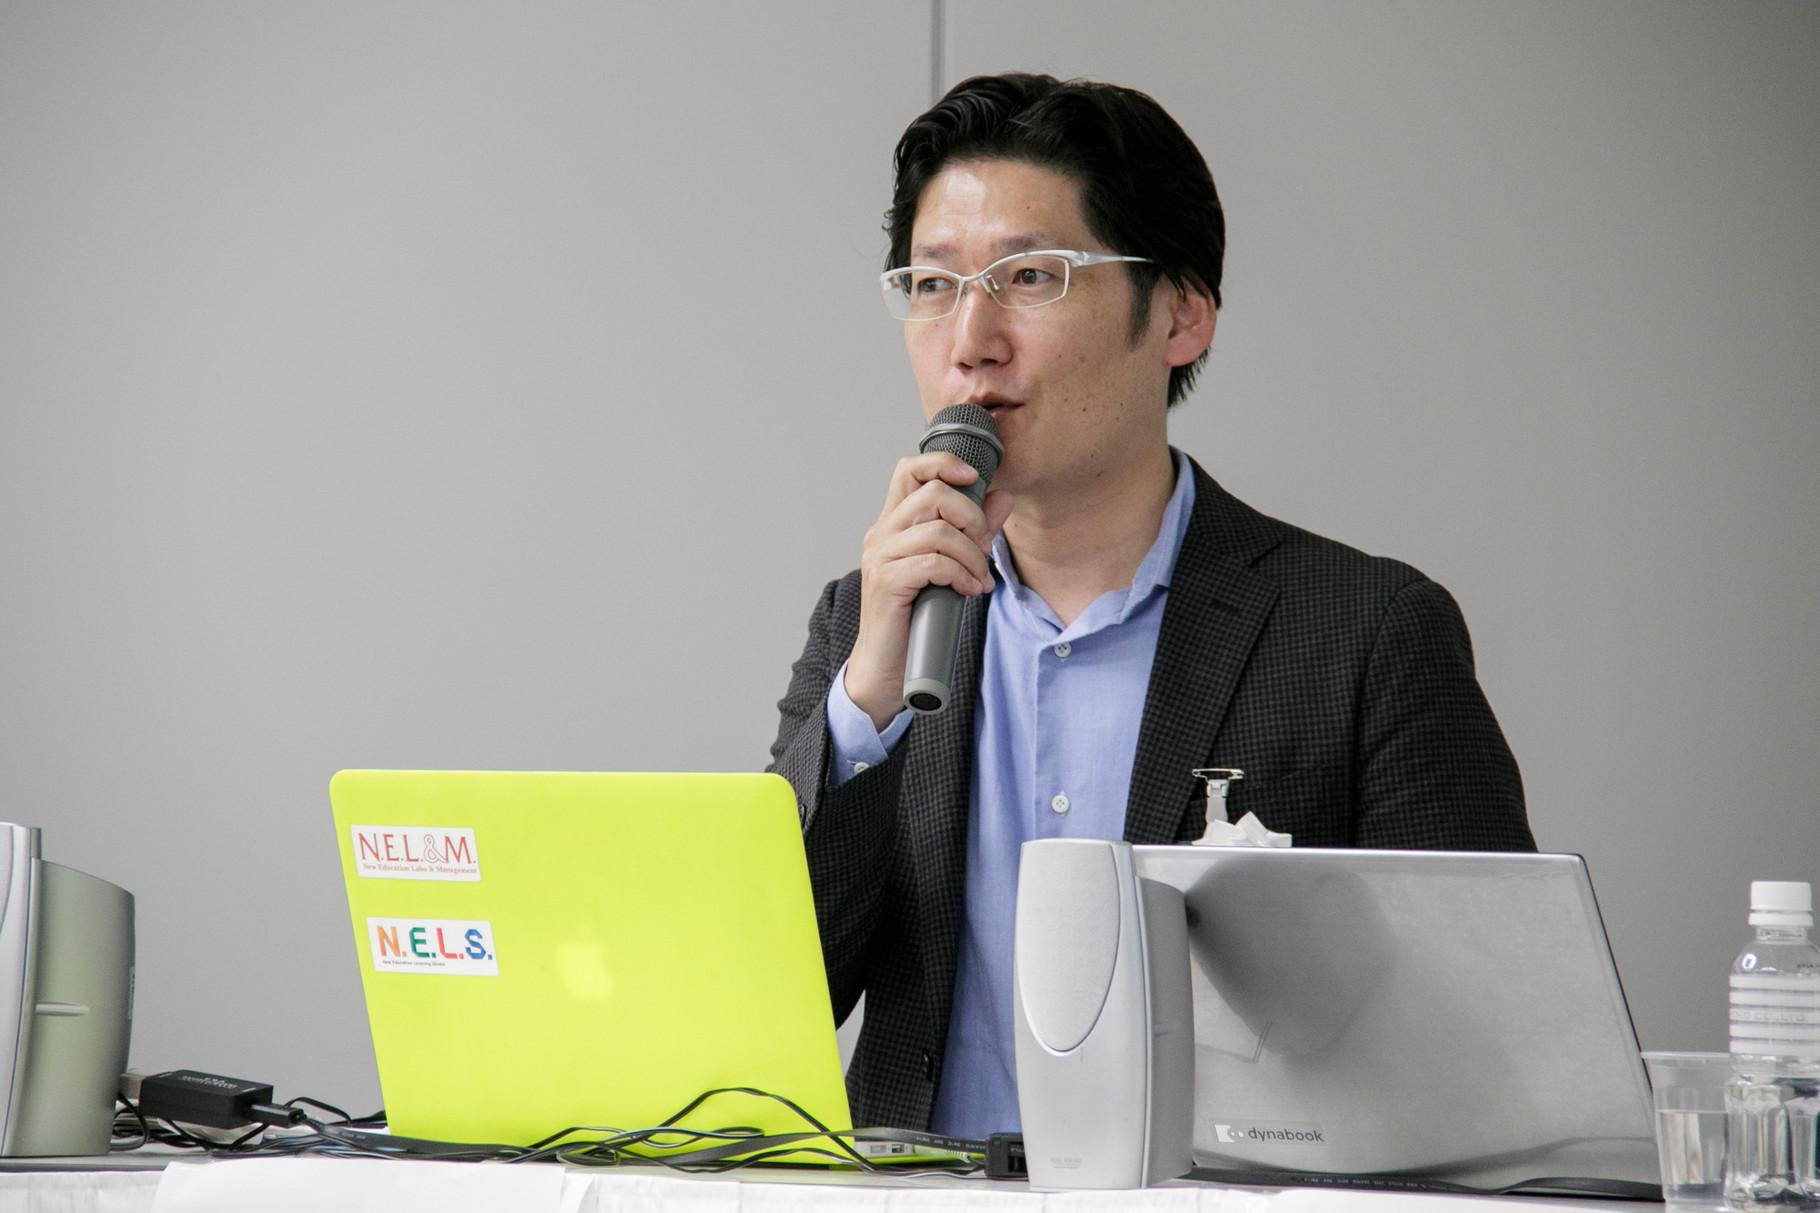 NEL&M 講演 セミナー 研修 ワークショップ 講師